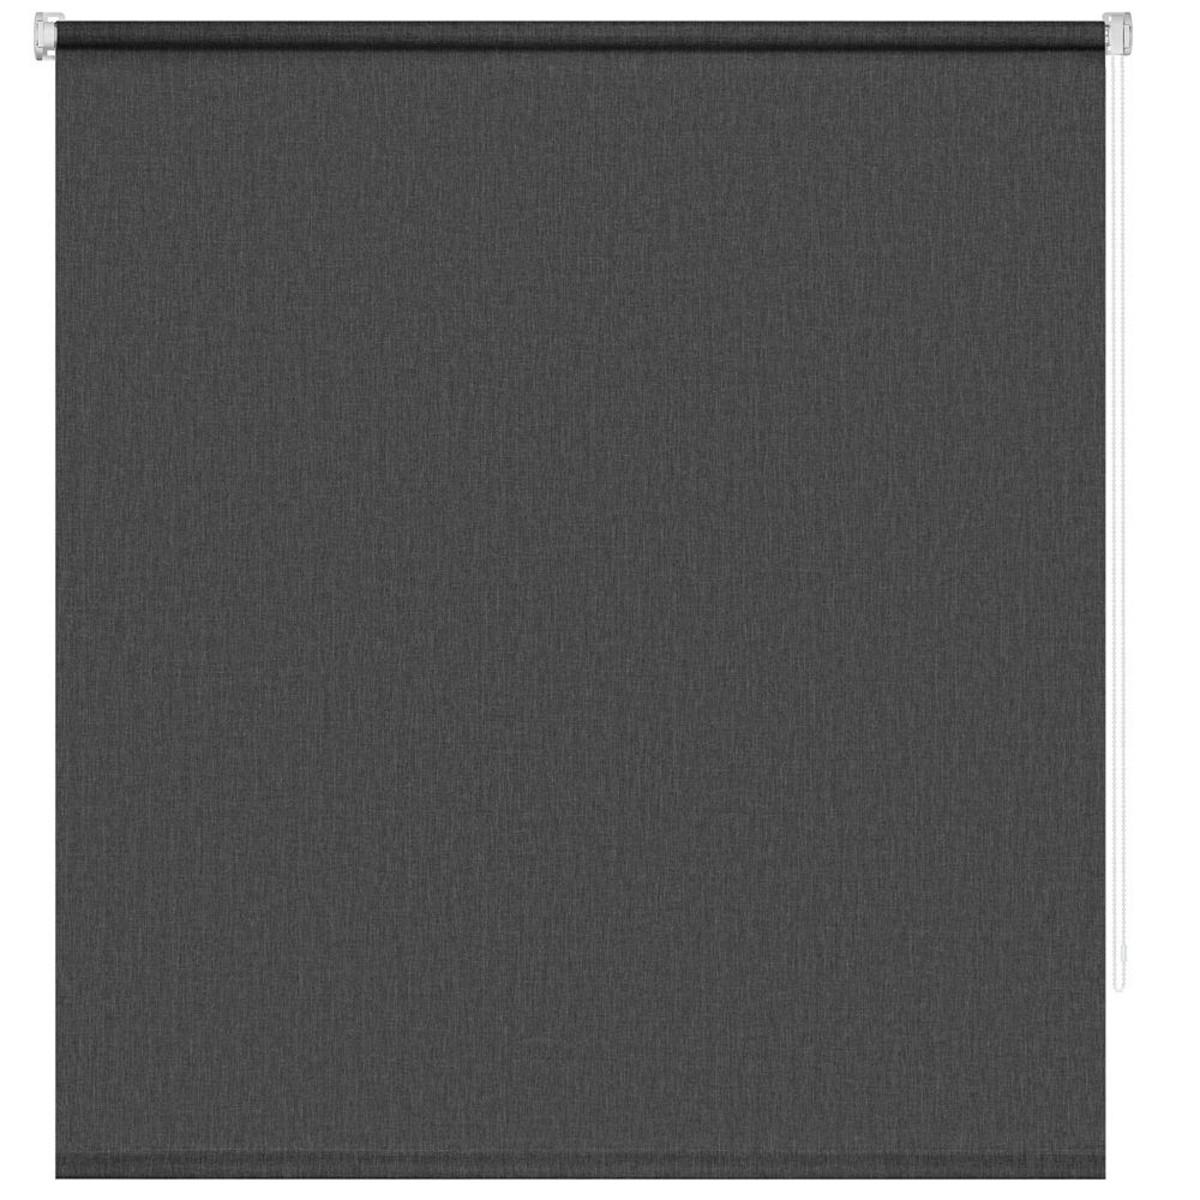 Рулонная Ора Decofest Меланж 120Х160 Цвет Серый